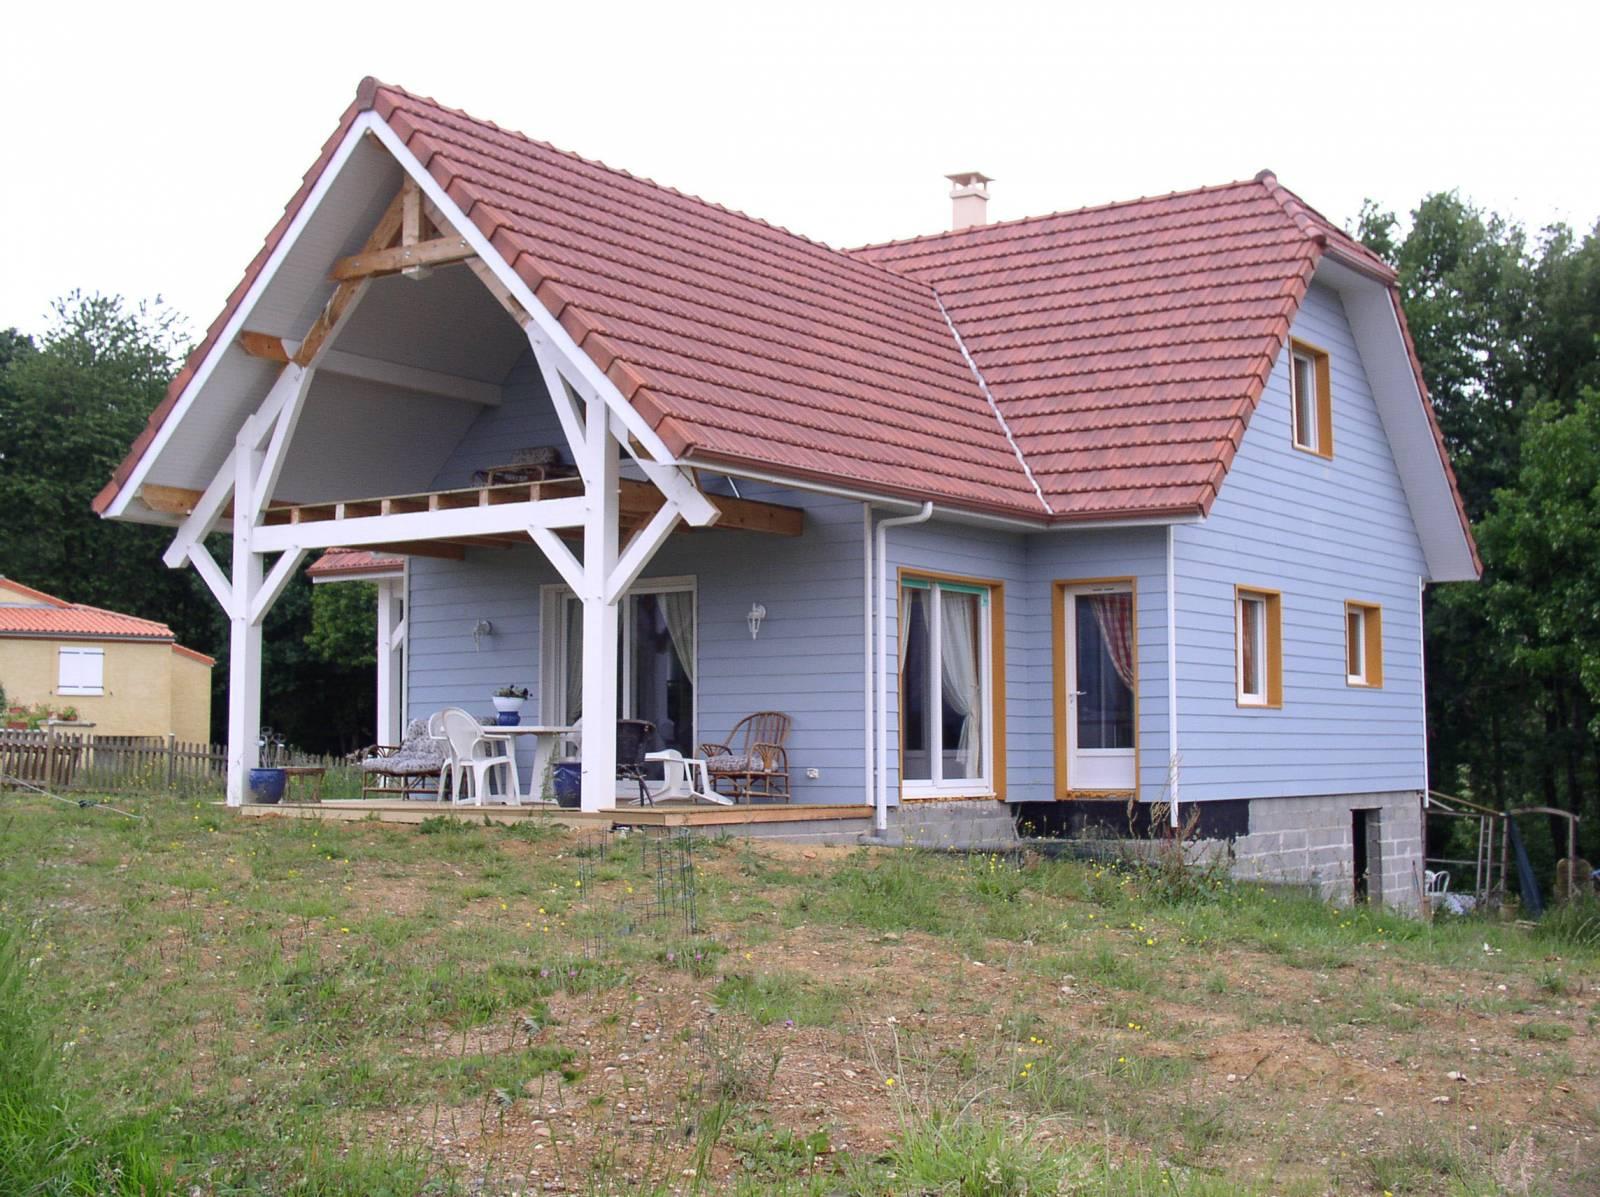 Maison hors d 39 eau hors d 39 air r f 20018 pr s de tarbes en hautes pyr n es 65 cogebois - Assurance maison hors d eau hors d air ...